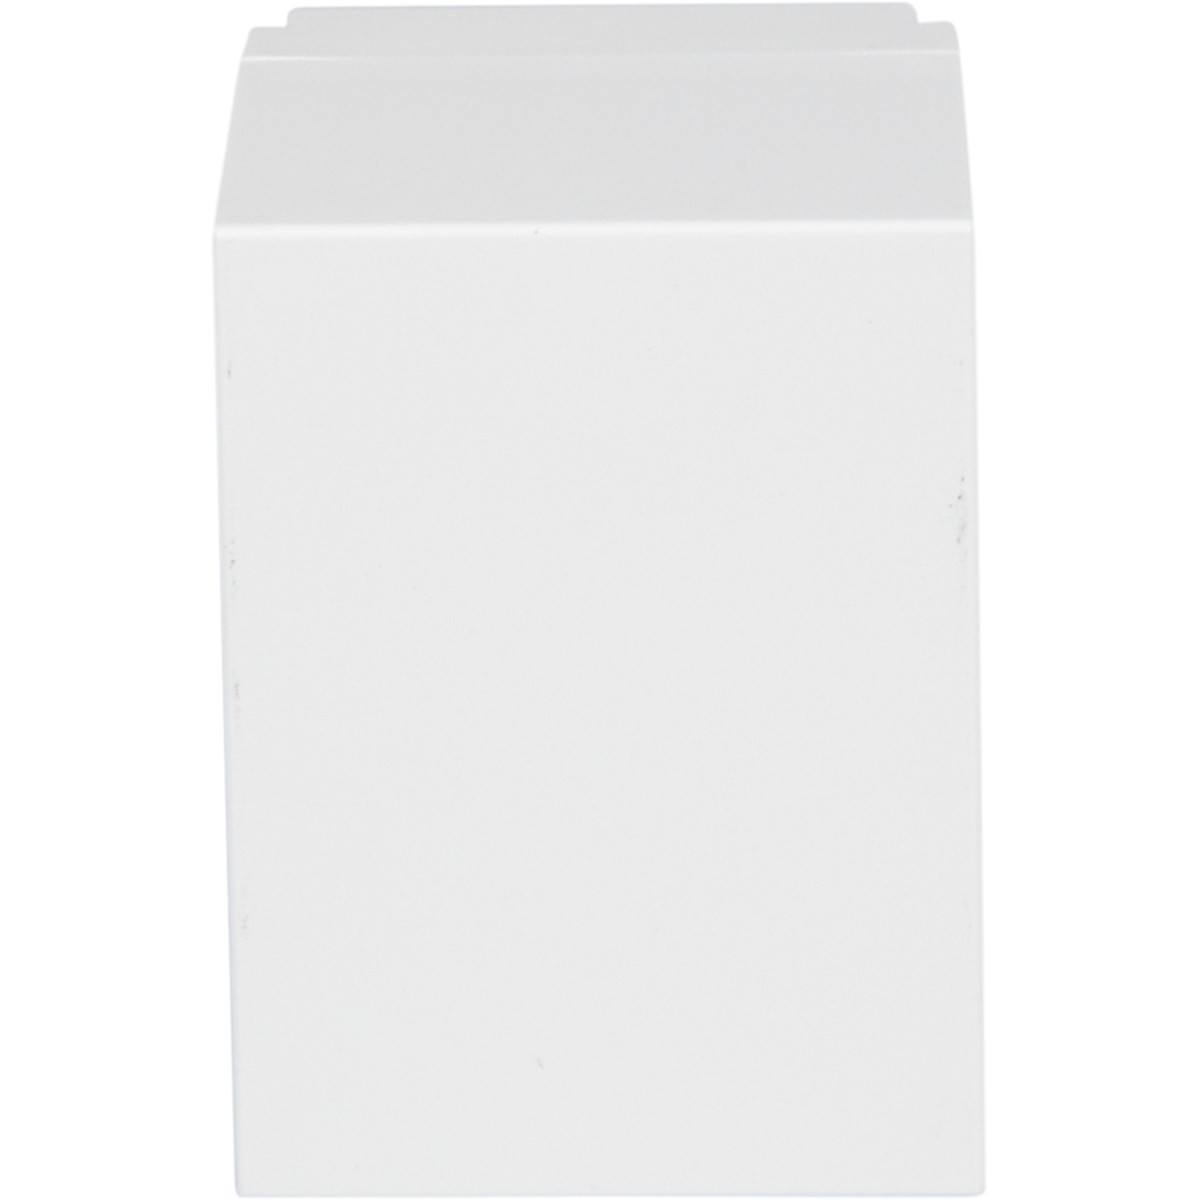 Батарея Ezviz для камеры С3А